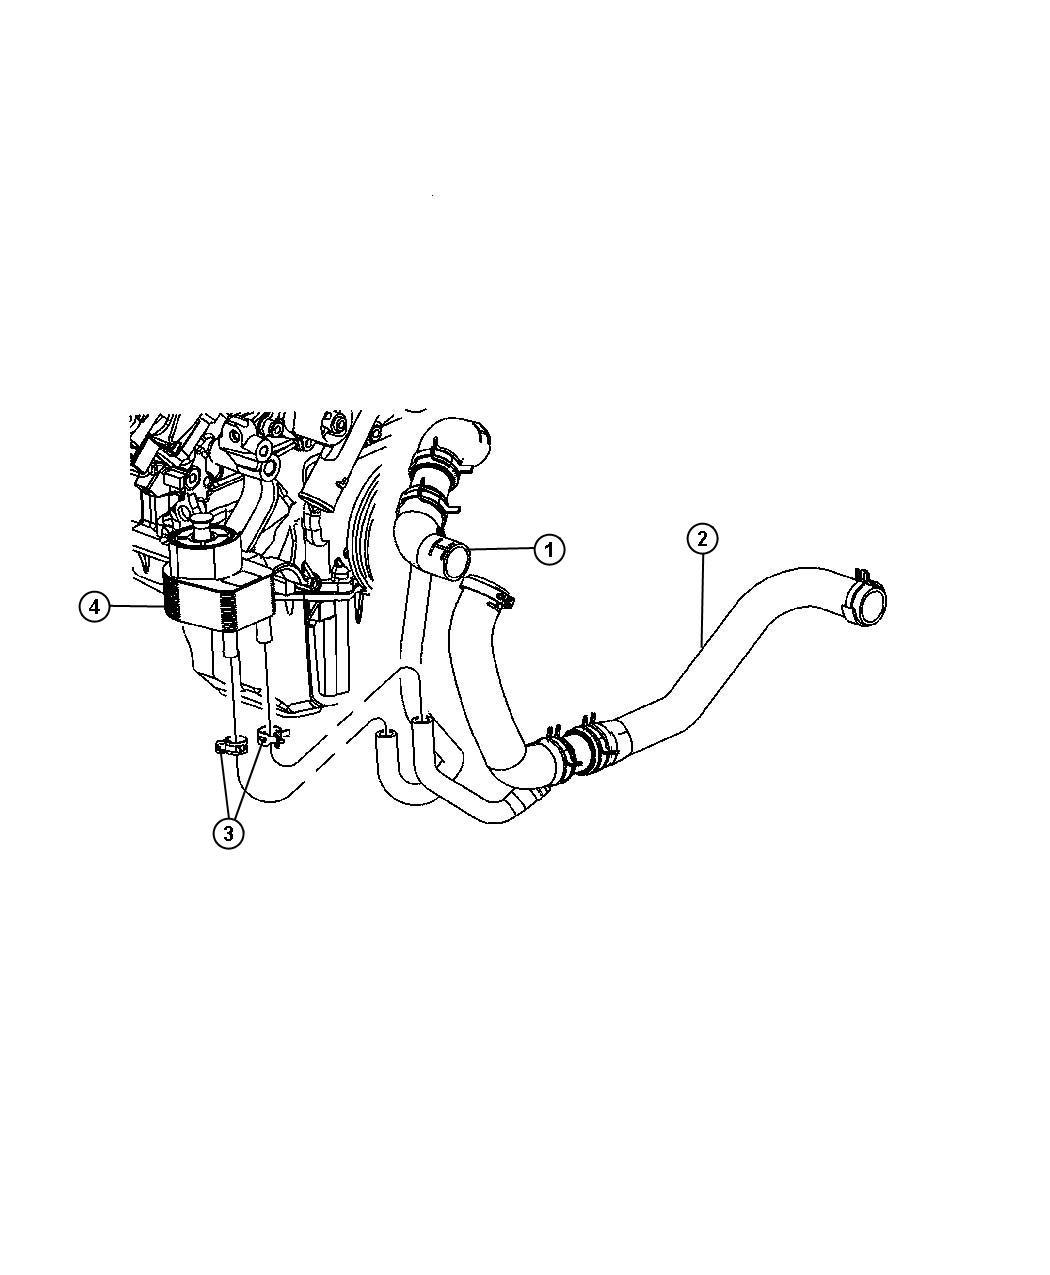 Chrysler 300 Engine Oil Cooler 5 7l Ezb